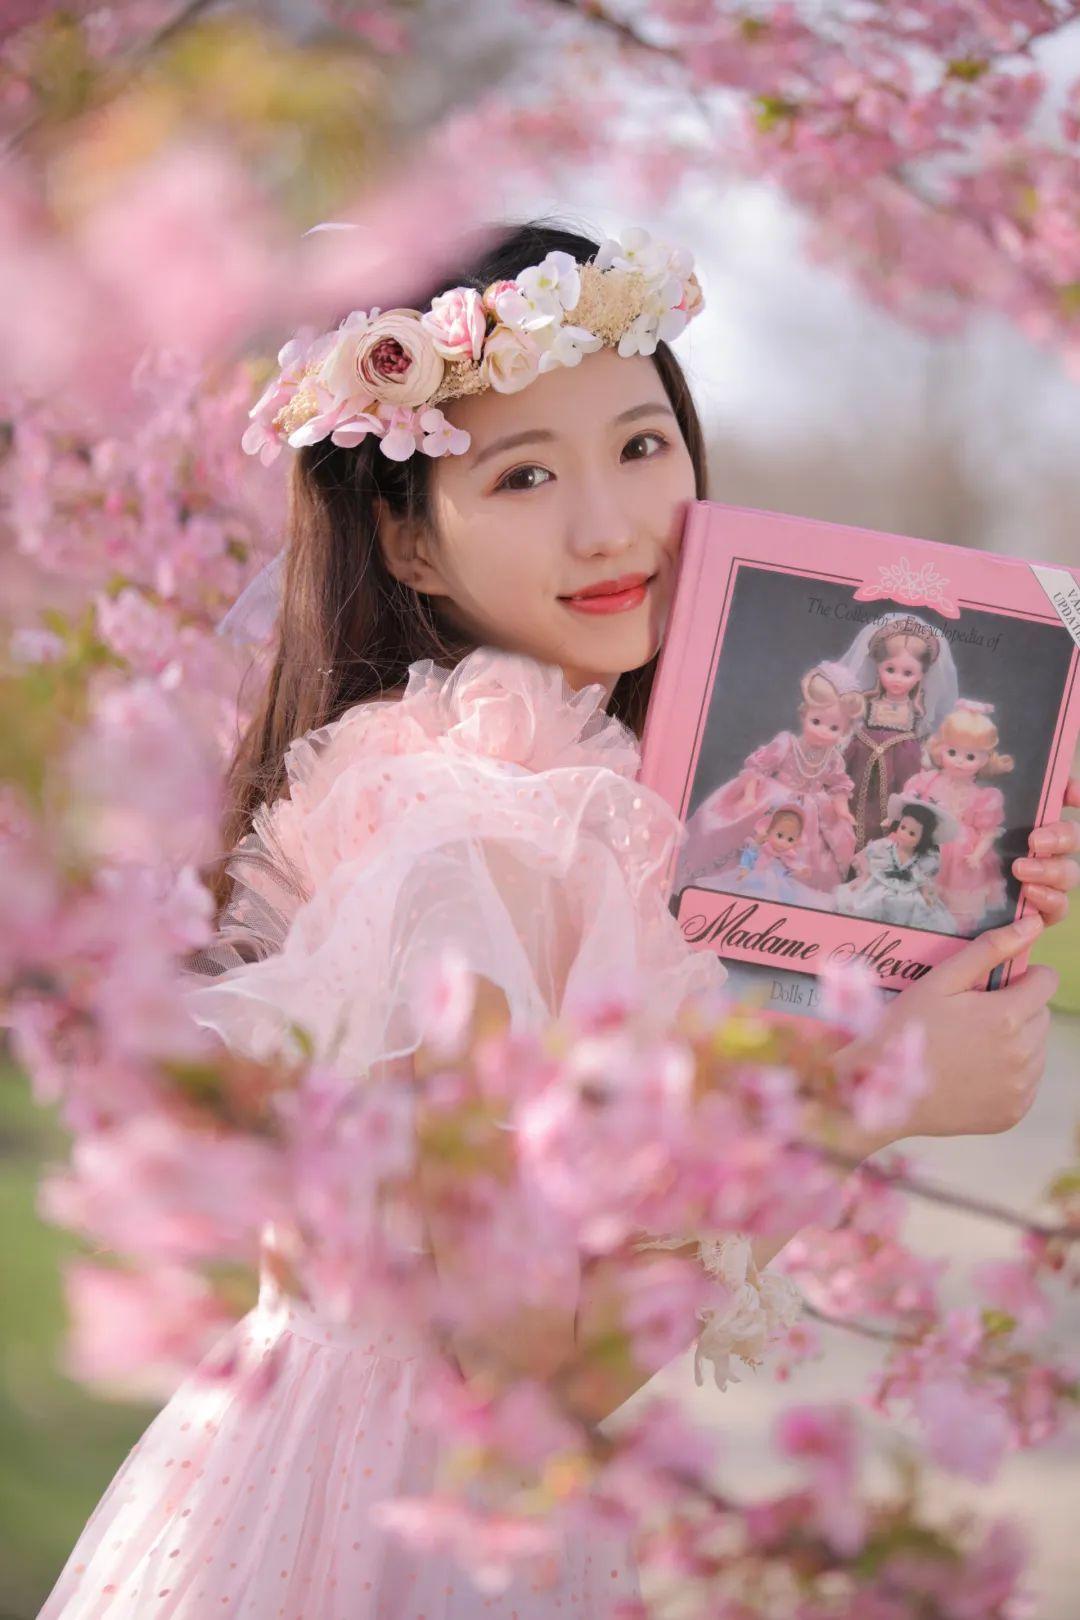 妹子摄影 – 粉粉的日系少女樱花树下写真_图片 No.21